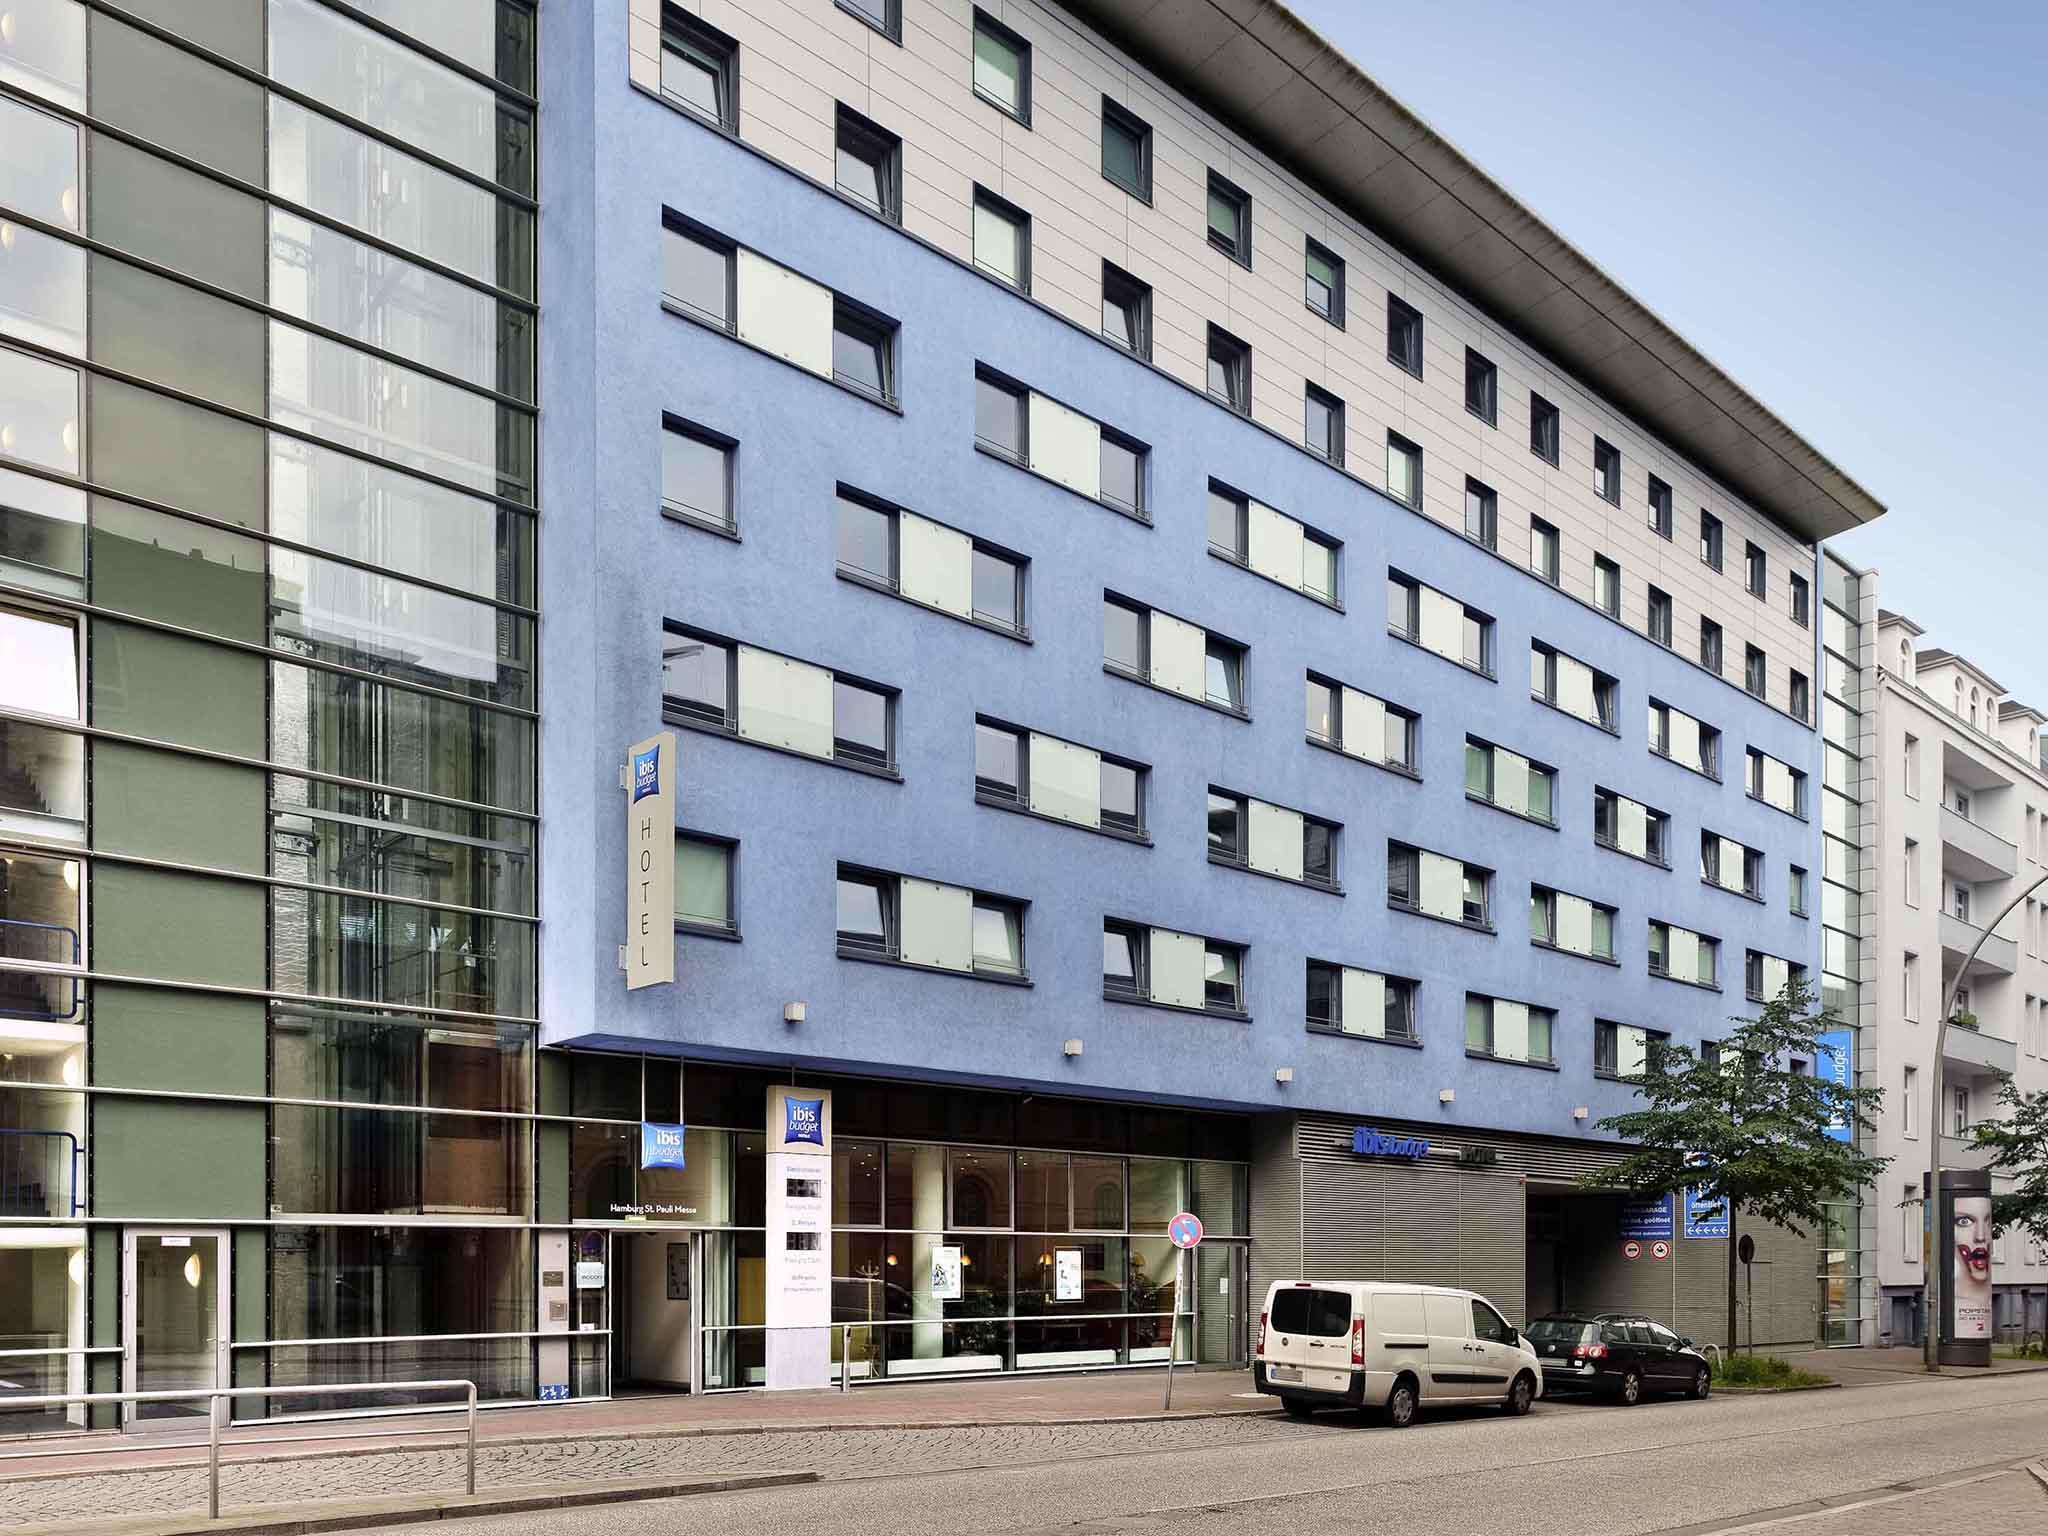 酒店 – ibis budget 汉堡 圣保利会展中心酒店